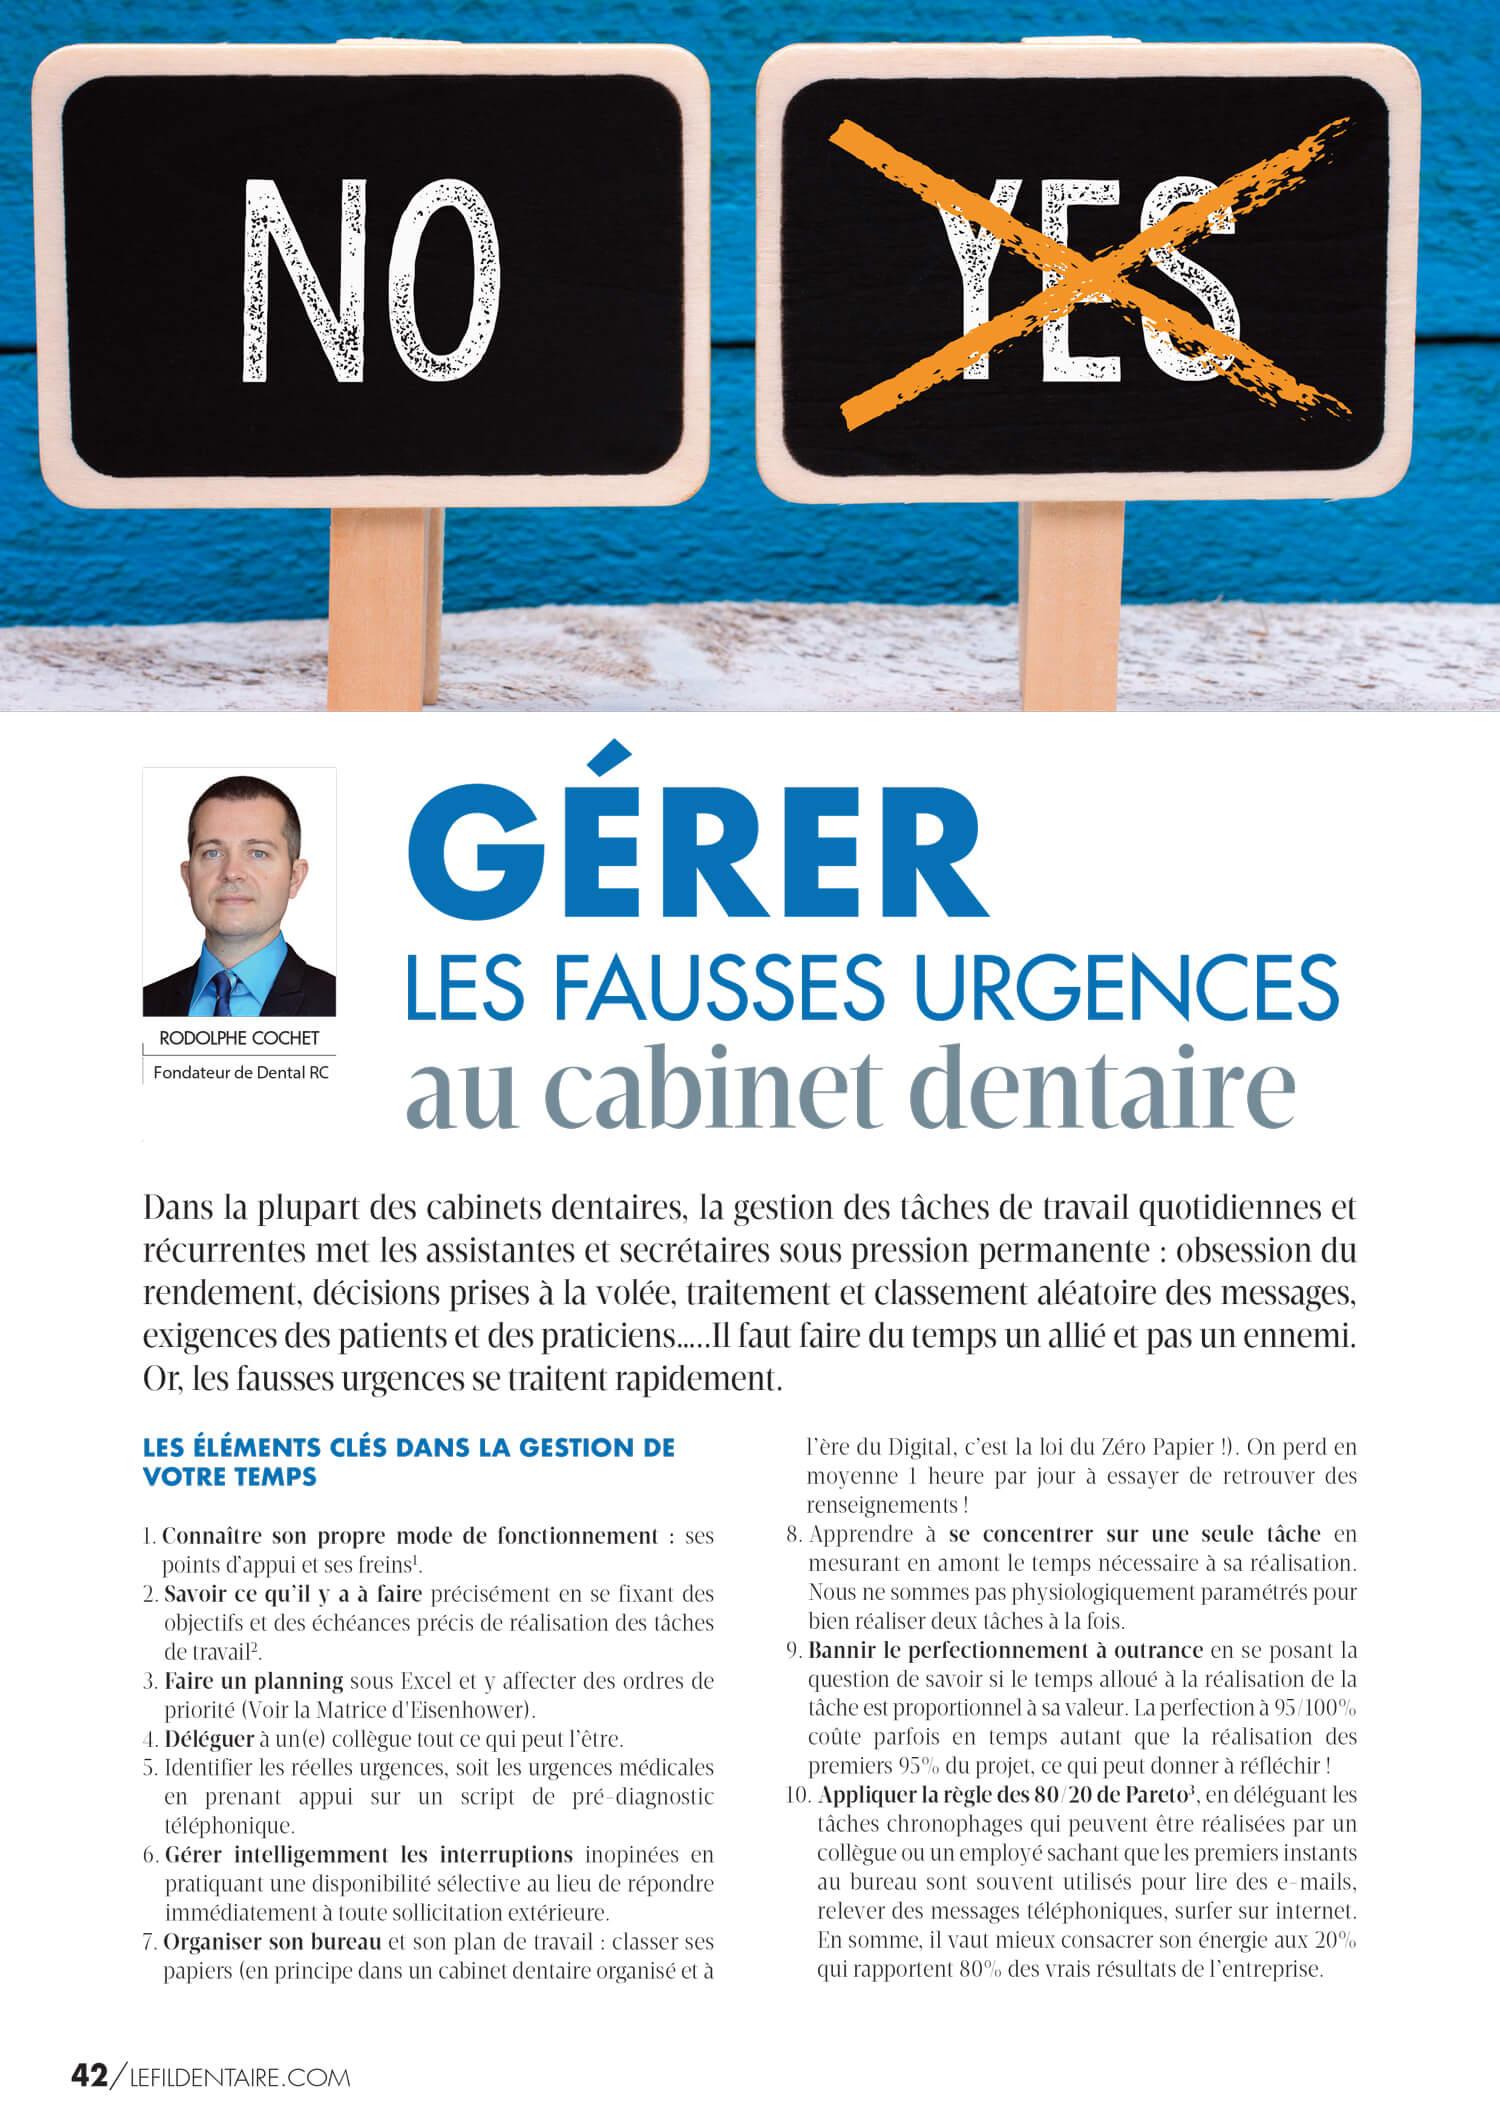 Gerer_les_fausses_urgences_au_cabinet_dentaire_-_Rodolphe_Cochet.jpg